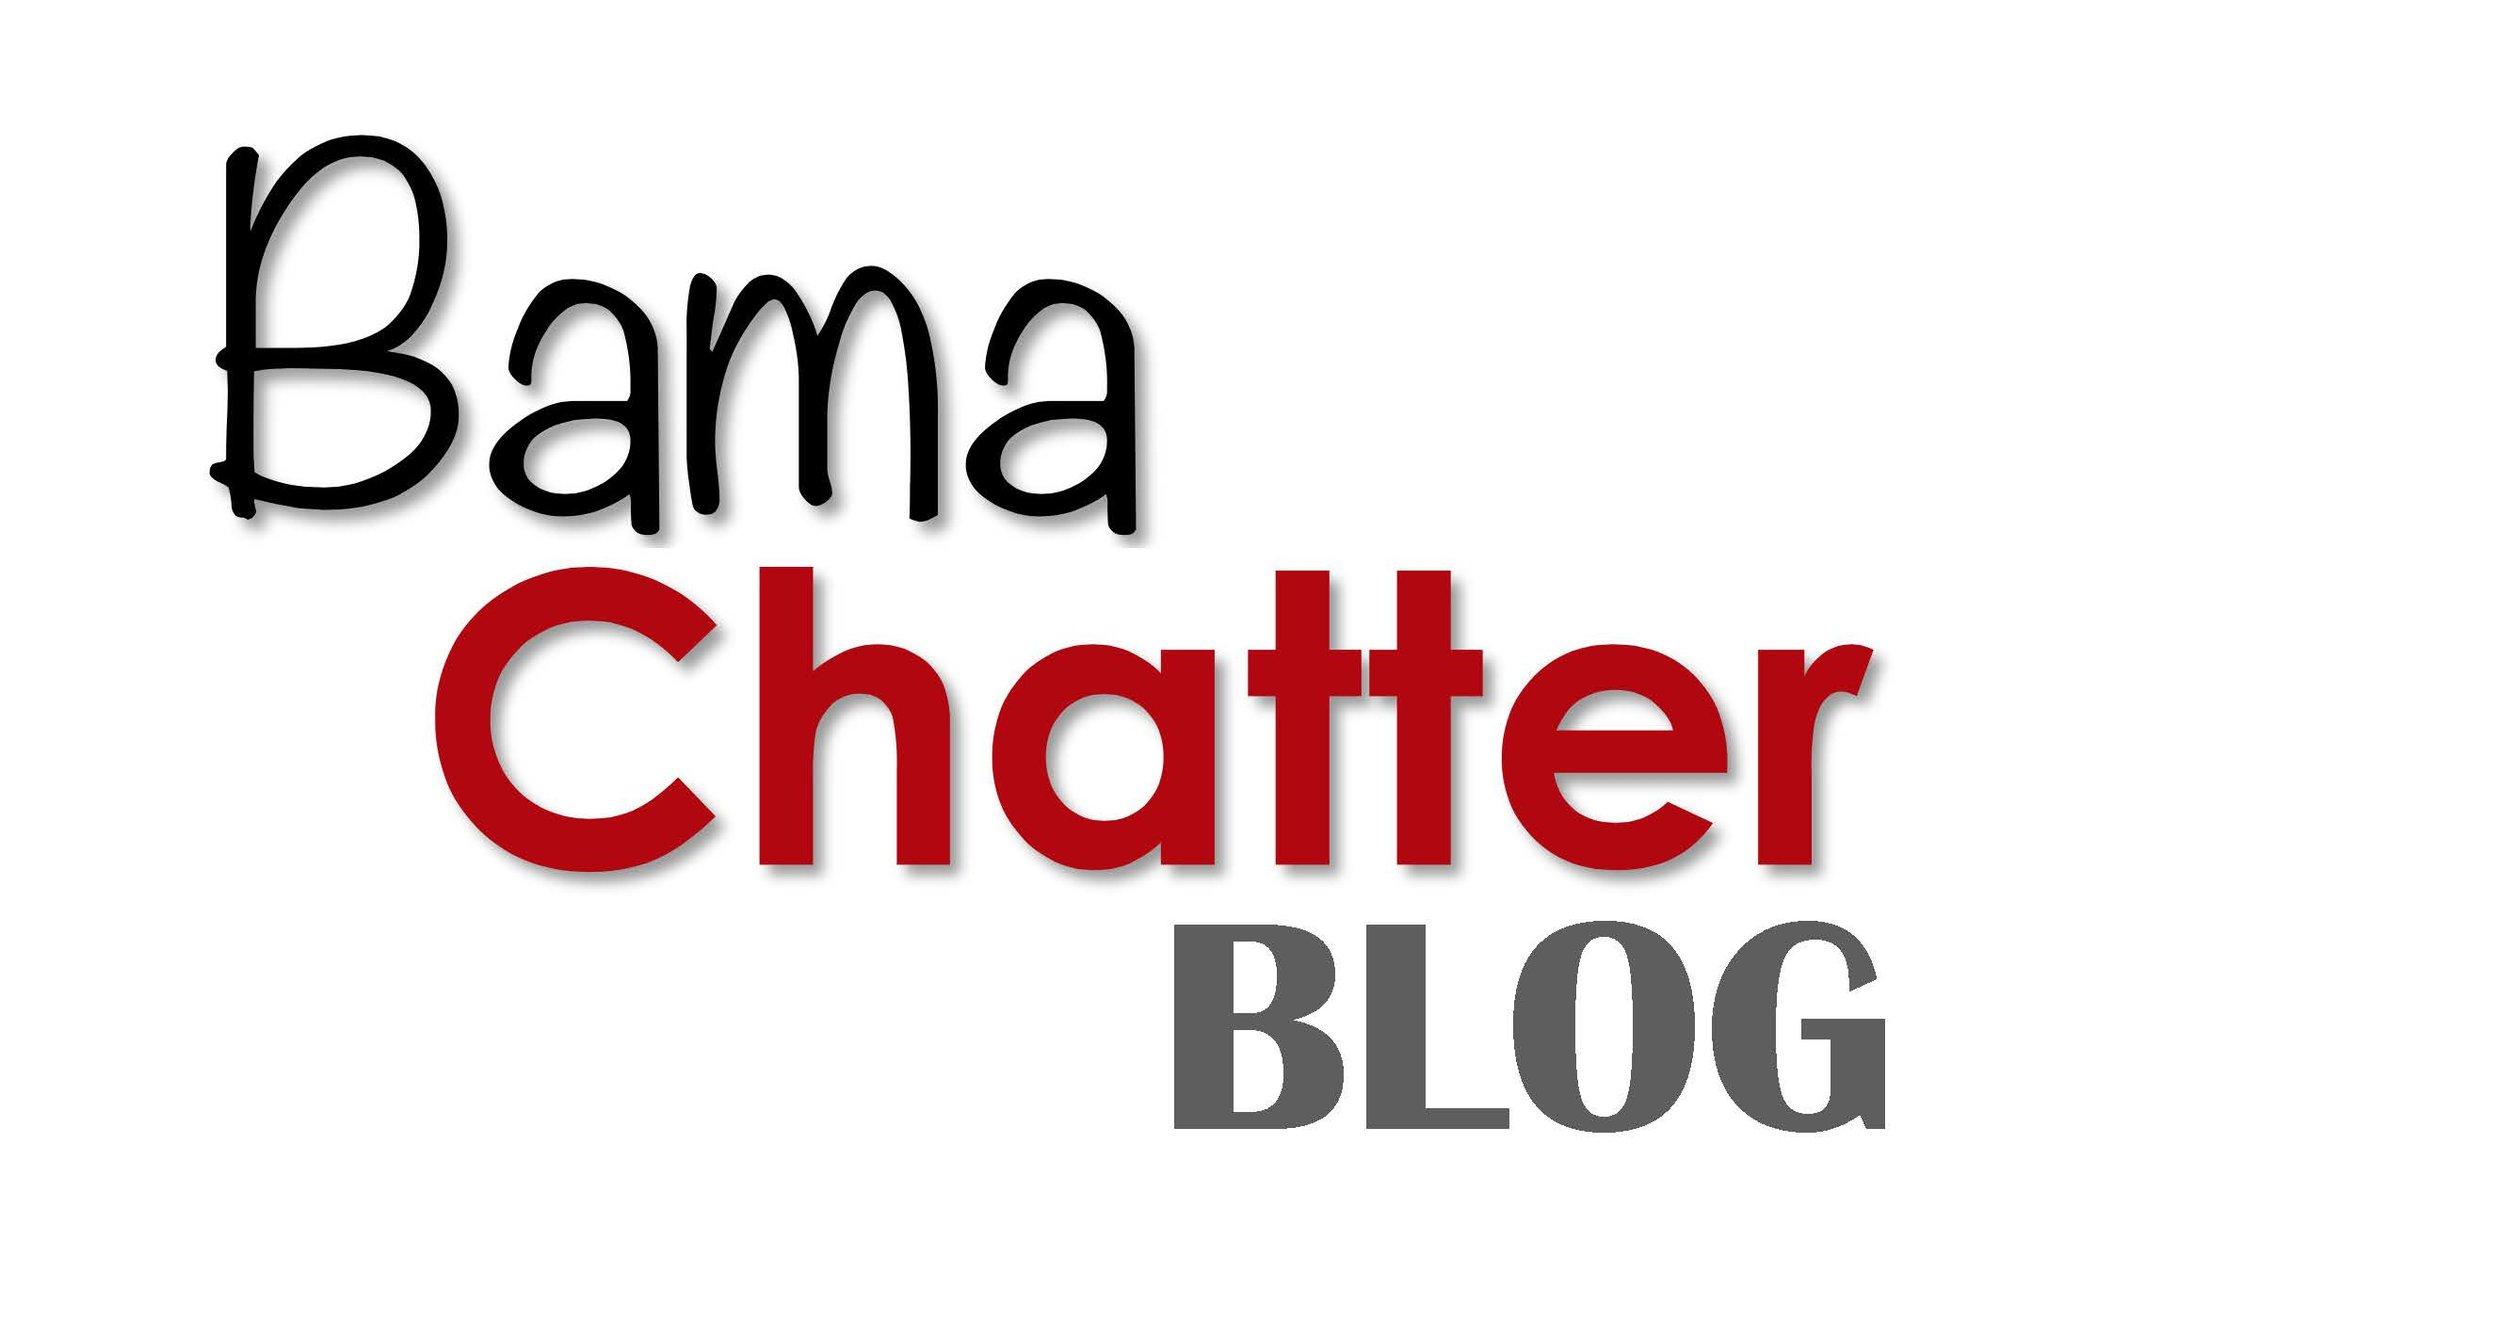 Bamma Chatter Blog pic.jpg